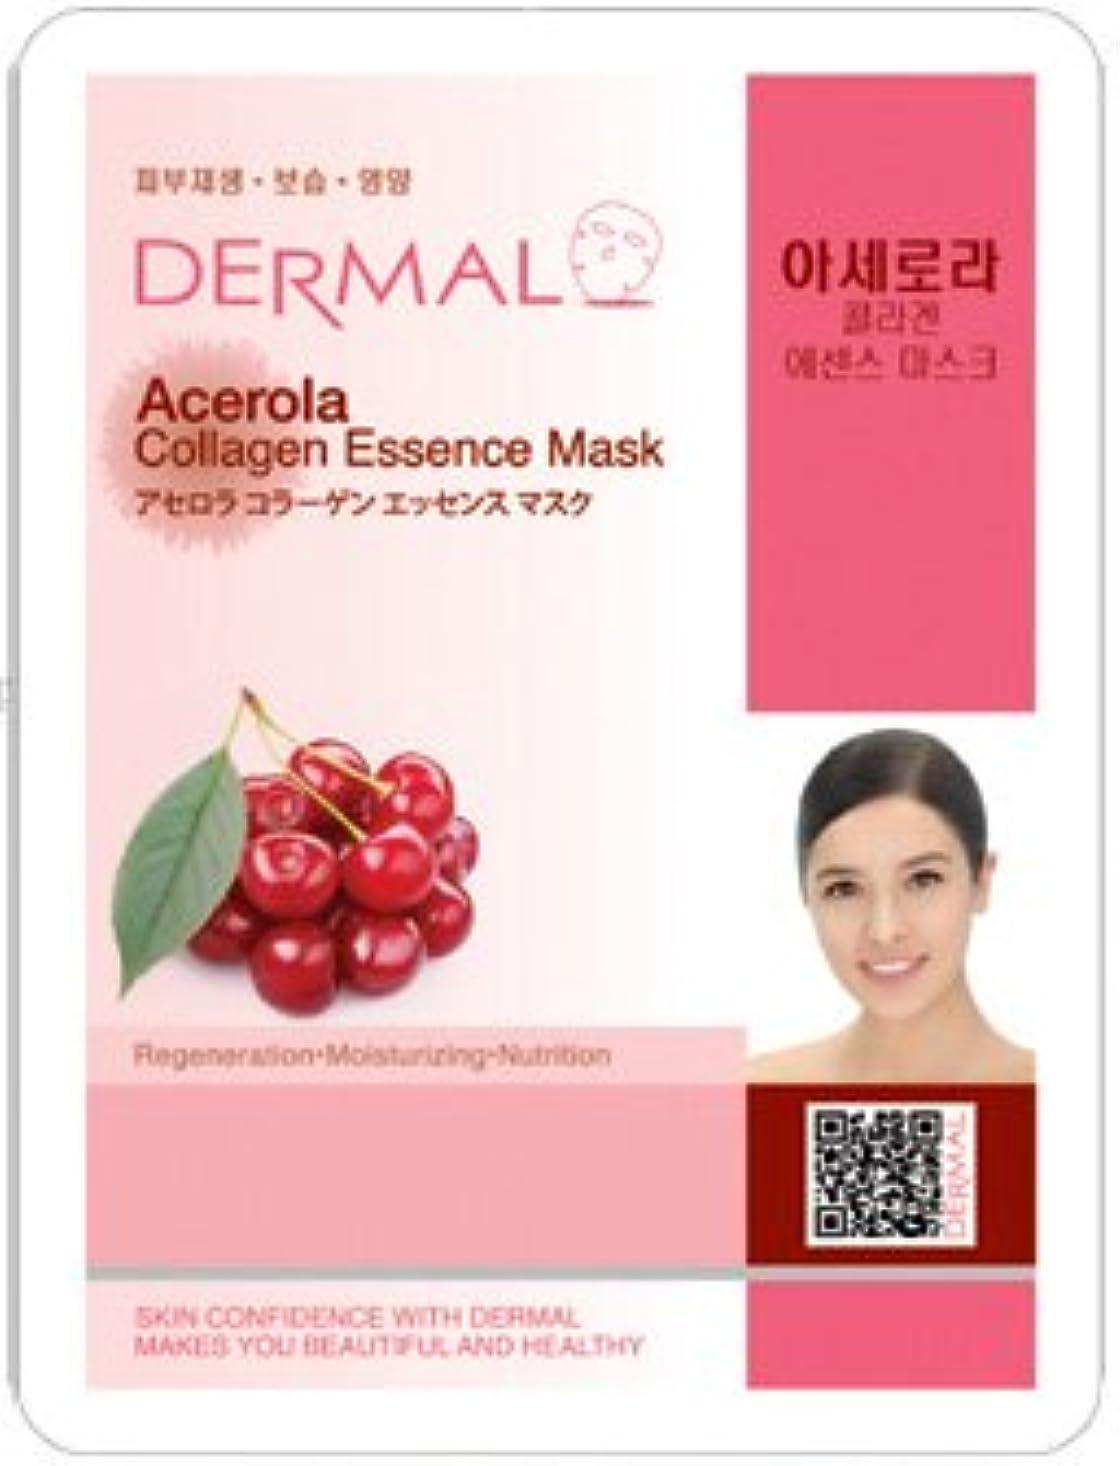 期待するブランド影響を受けやすいですシートマスク アセロラ 100枚セット ダーマル(Dermal) フェイス パック